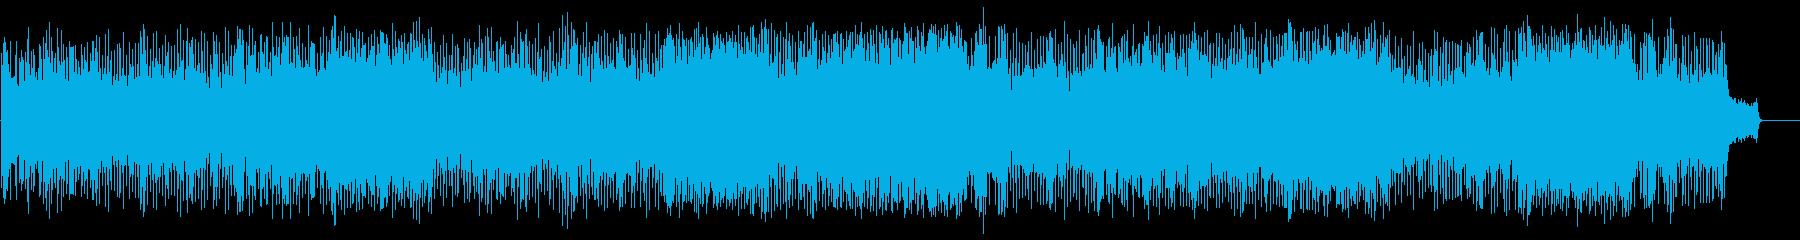 一日の情報を伝えるスリリングなポップの再生済みの波形